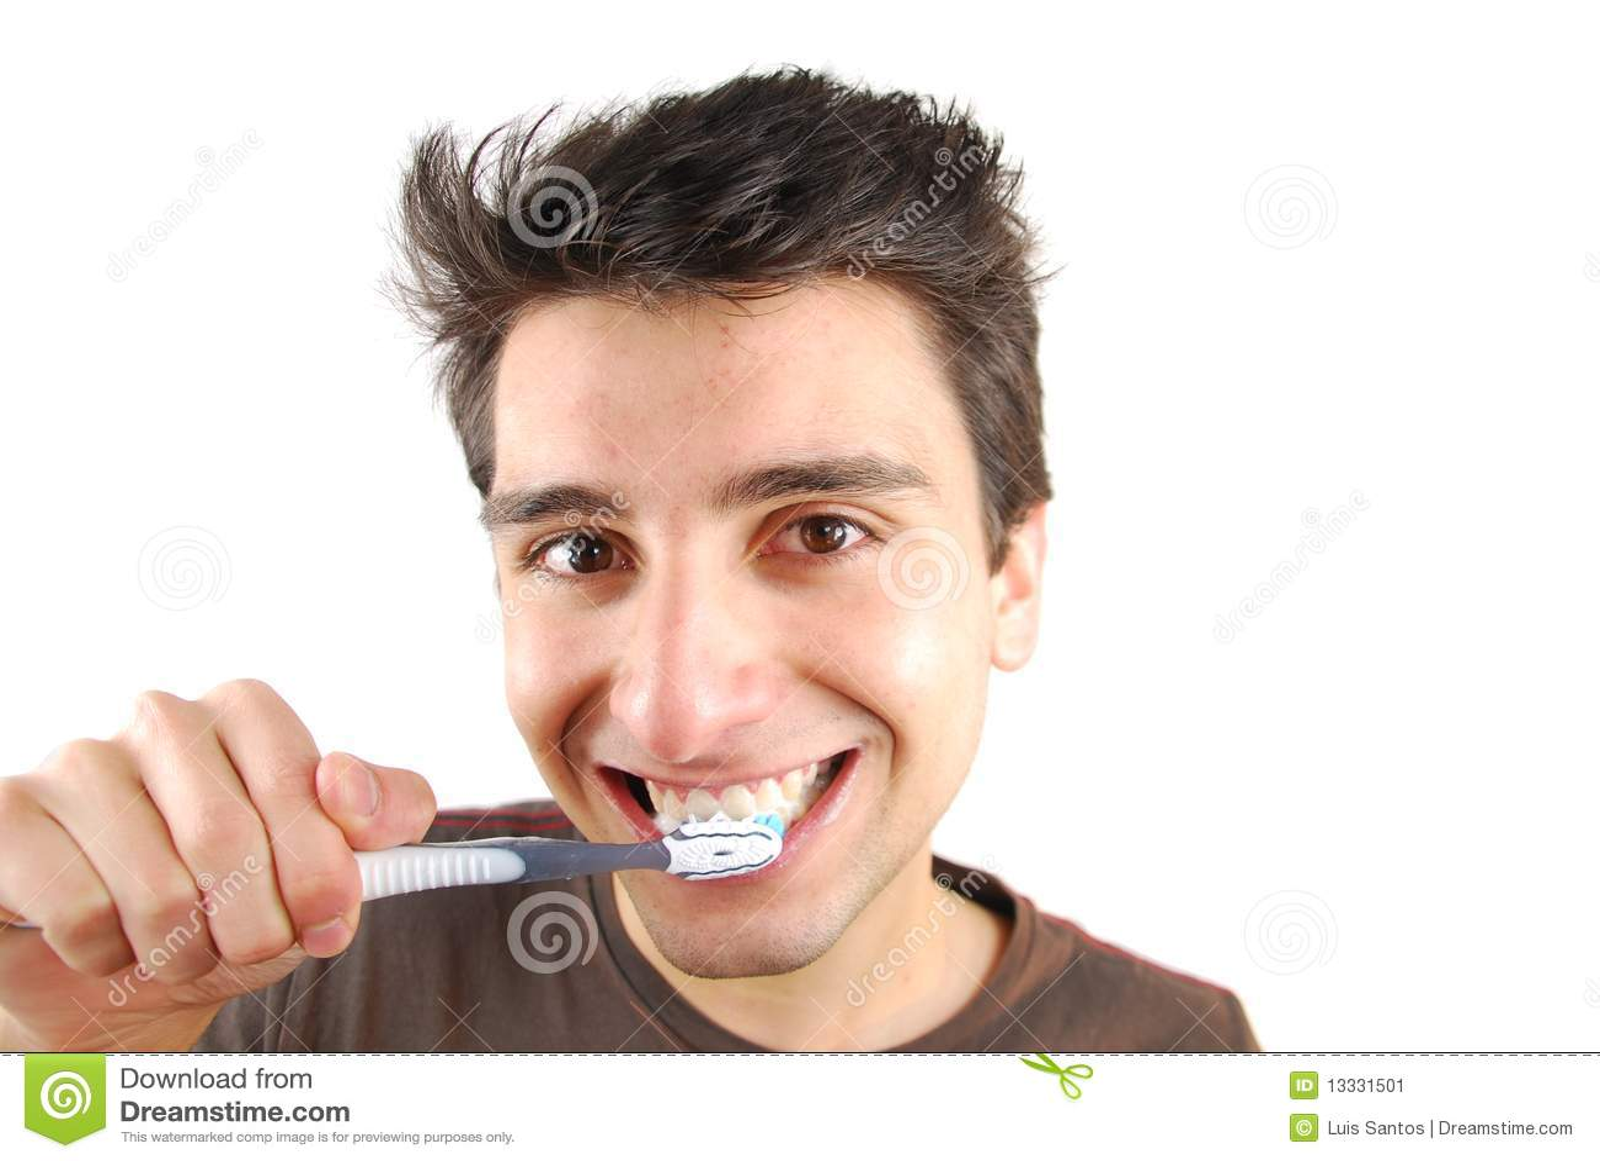 Ząb obsługuje zębów target2033_1_